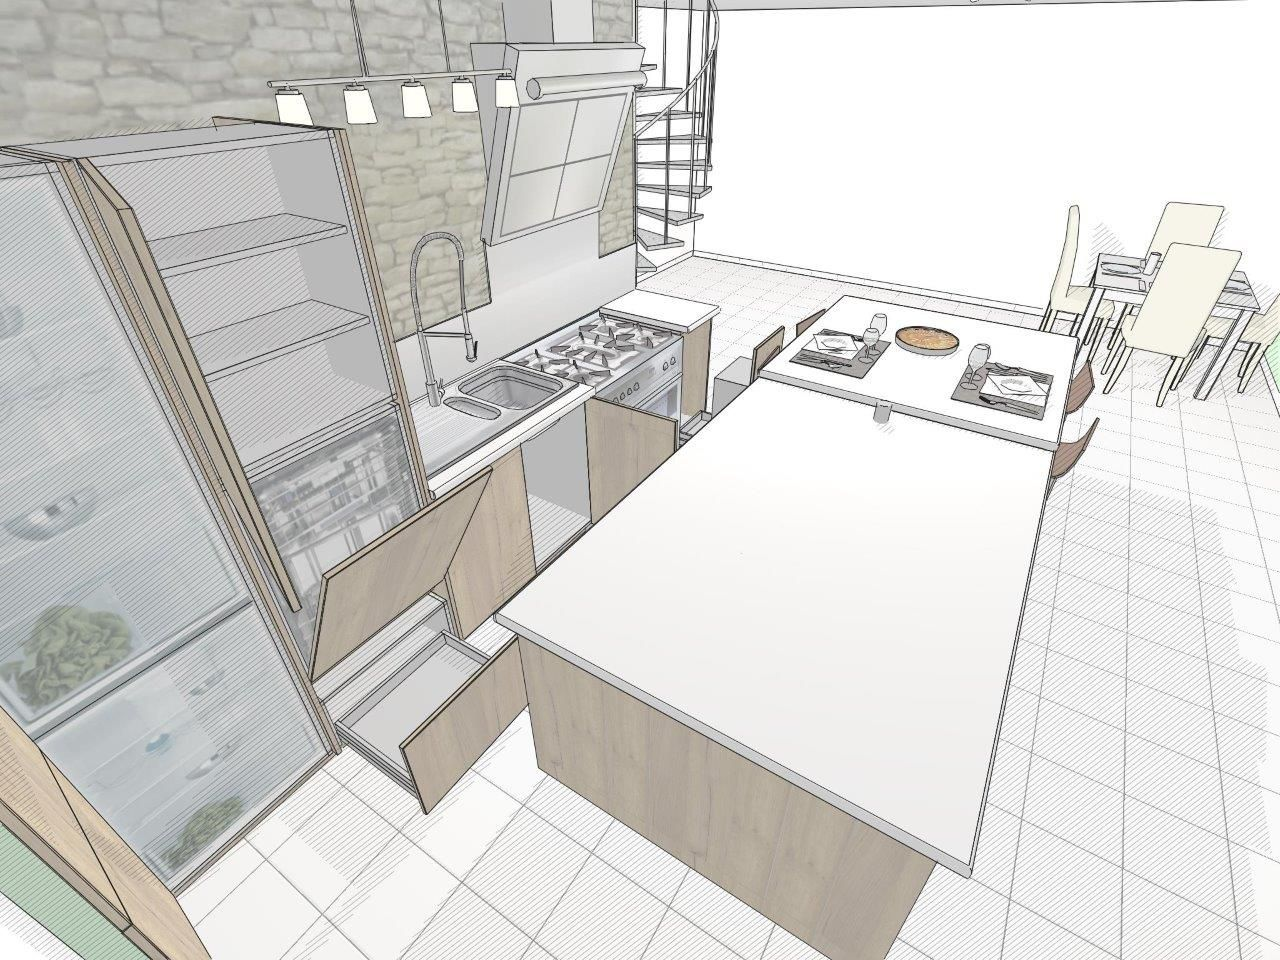 Logiciel Pour Conception Cuisine galerie | cuisine dessin, design, architecte